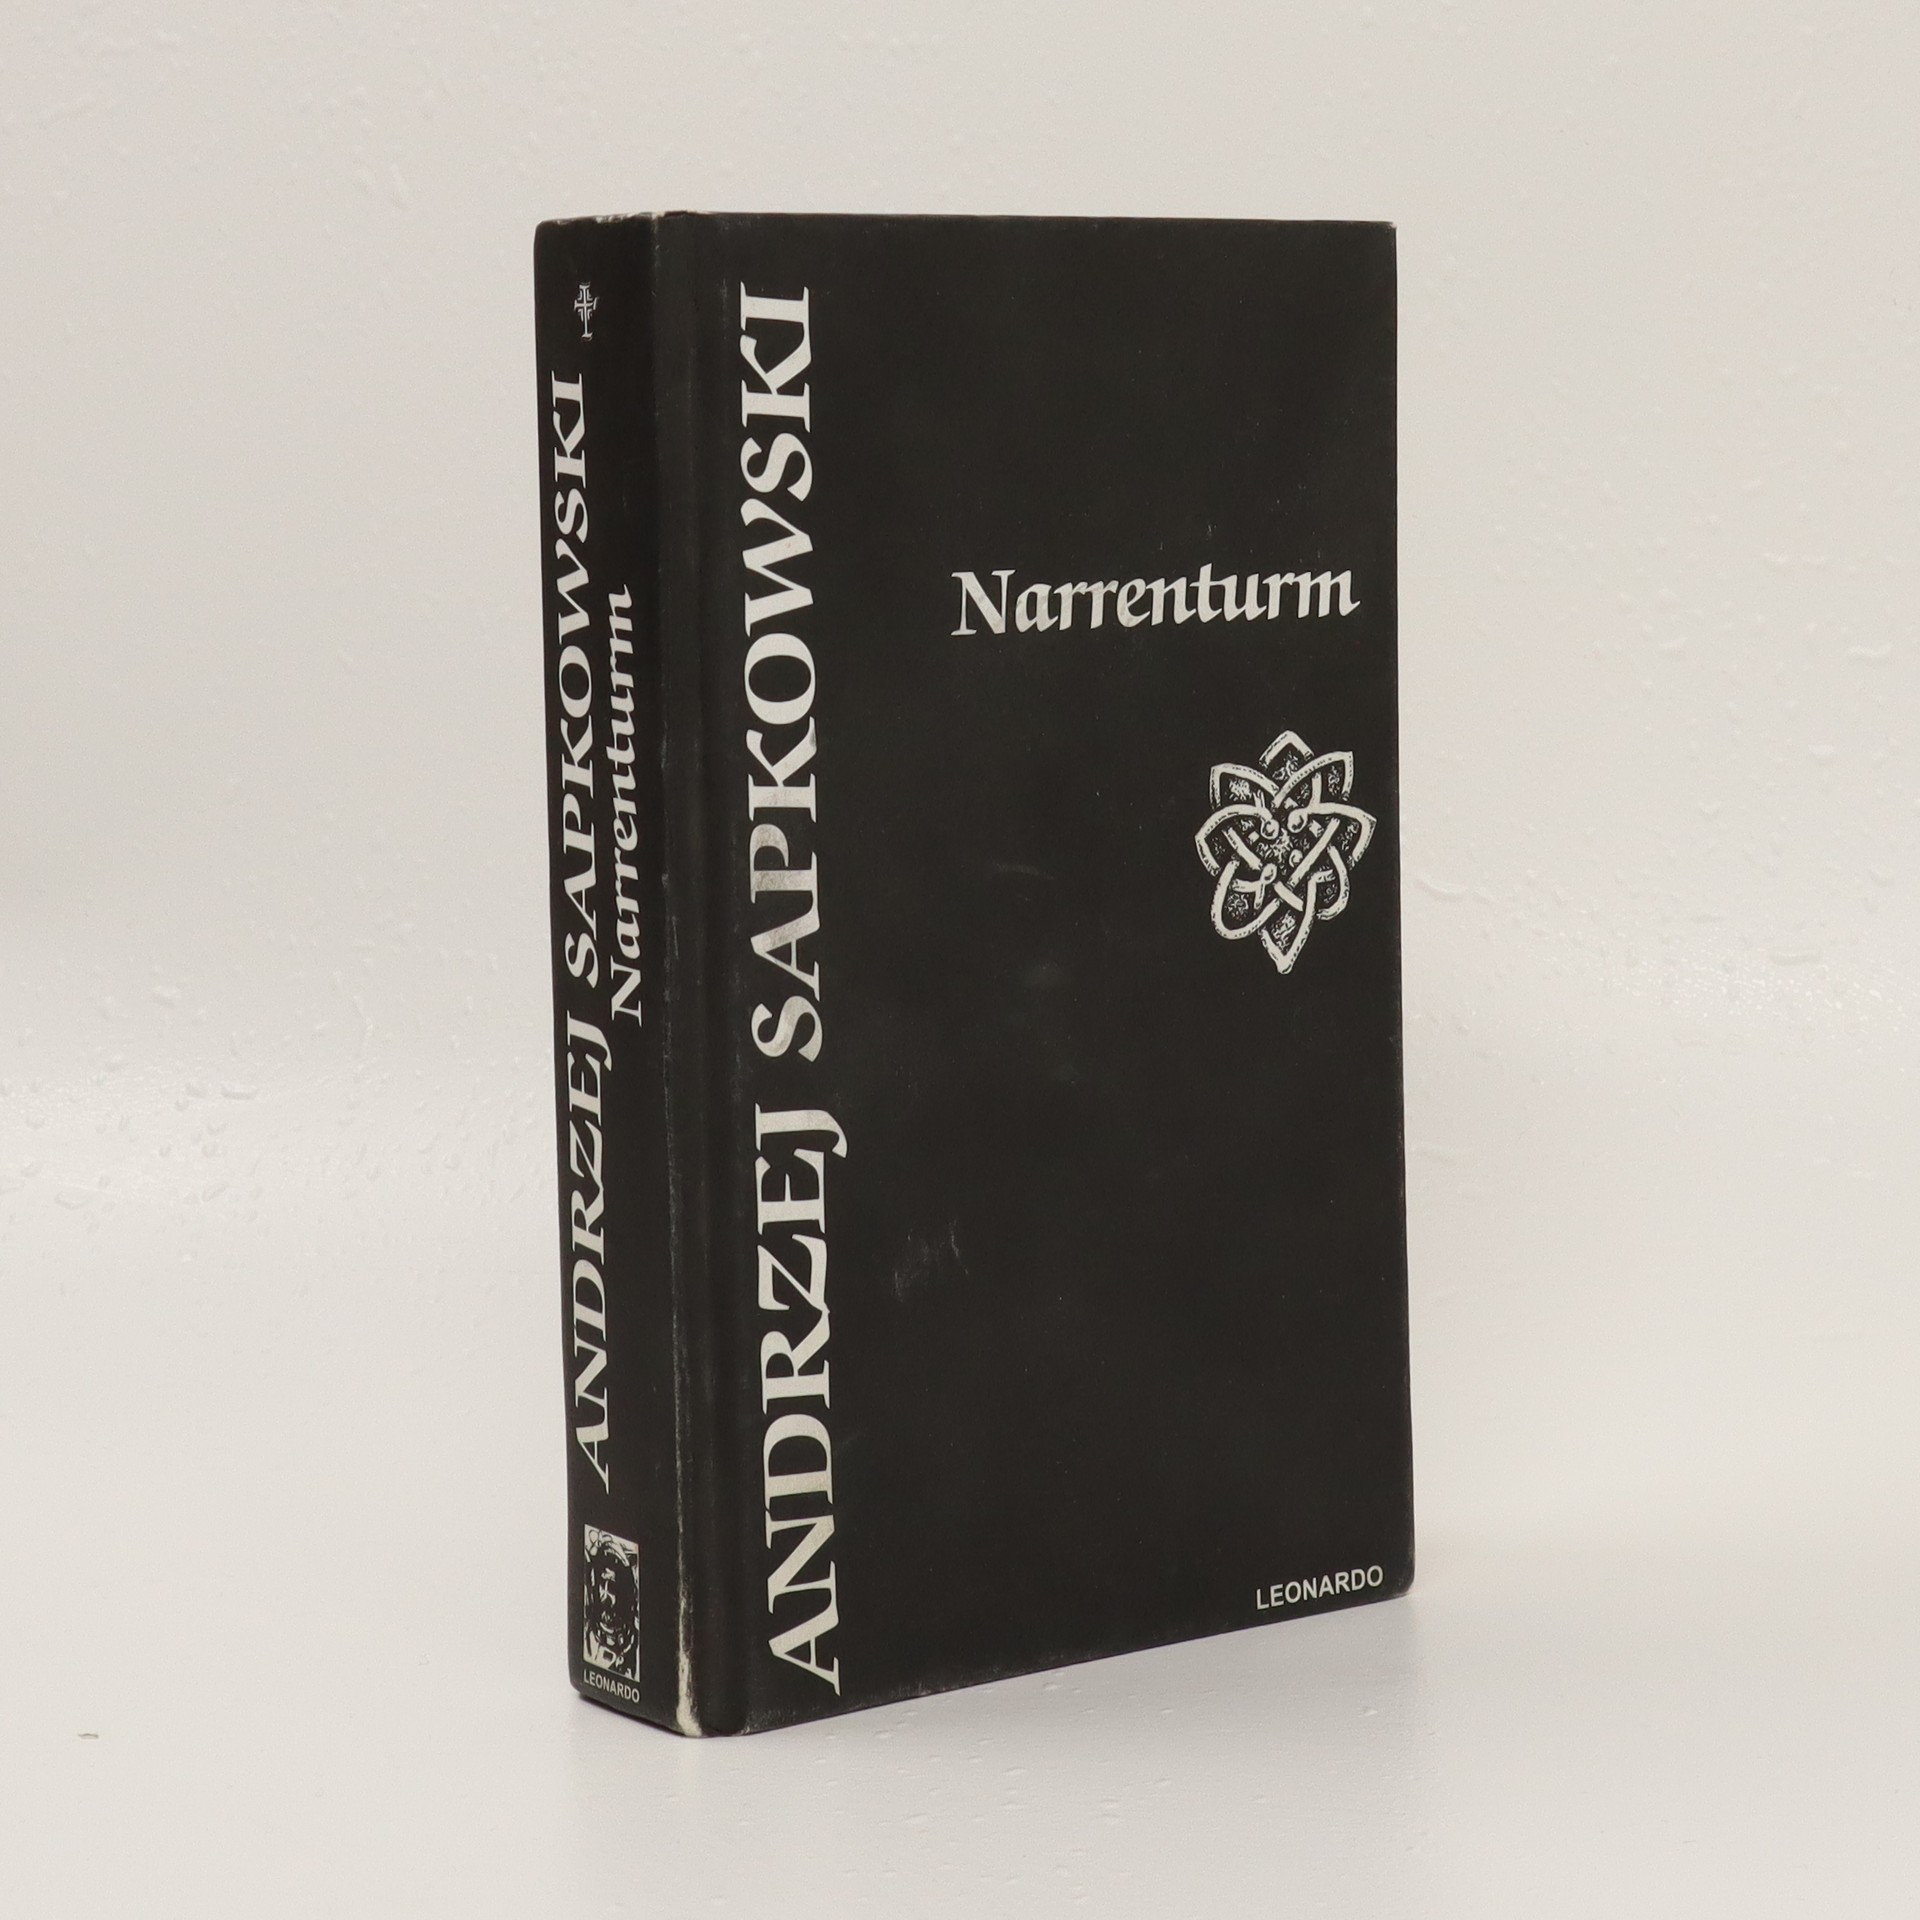 antikvární kniha Narrenturm, 2005